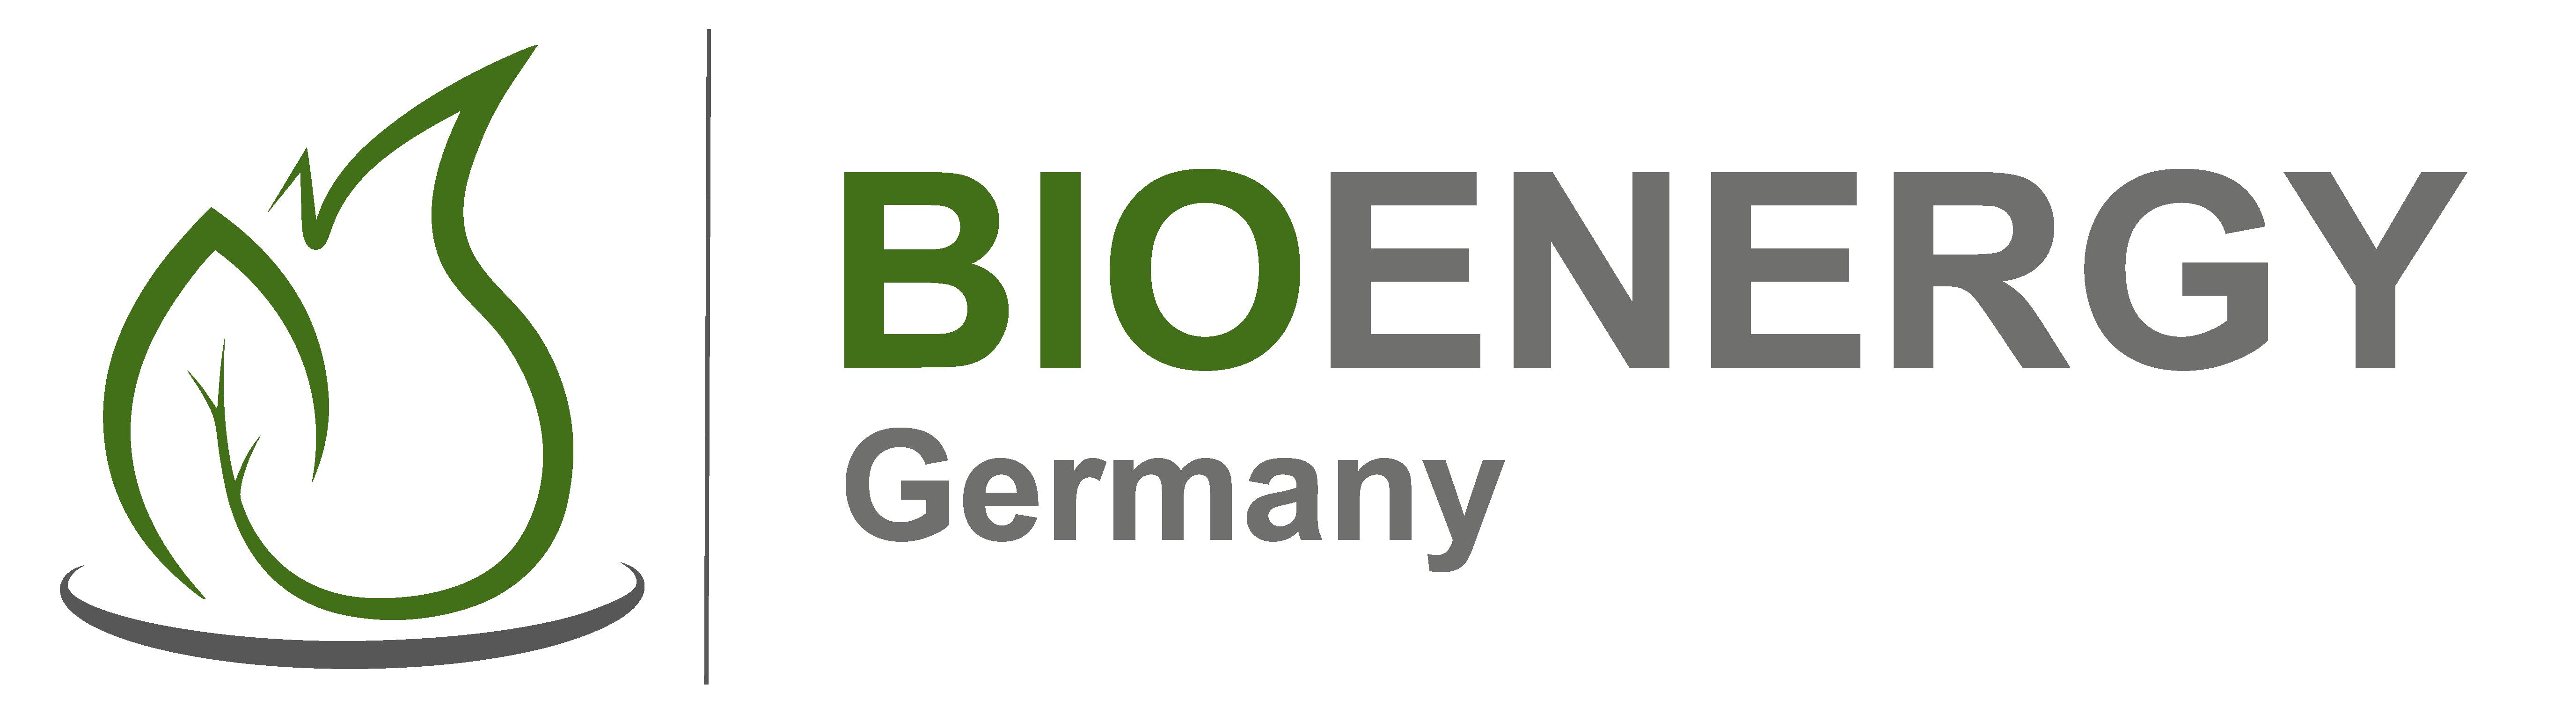 Bioenergie grünes Deutschland